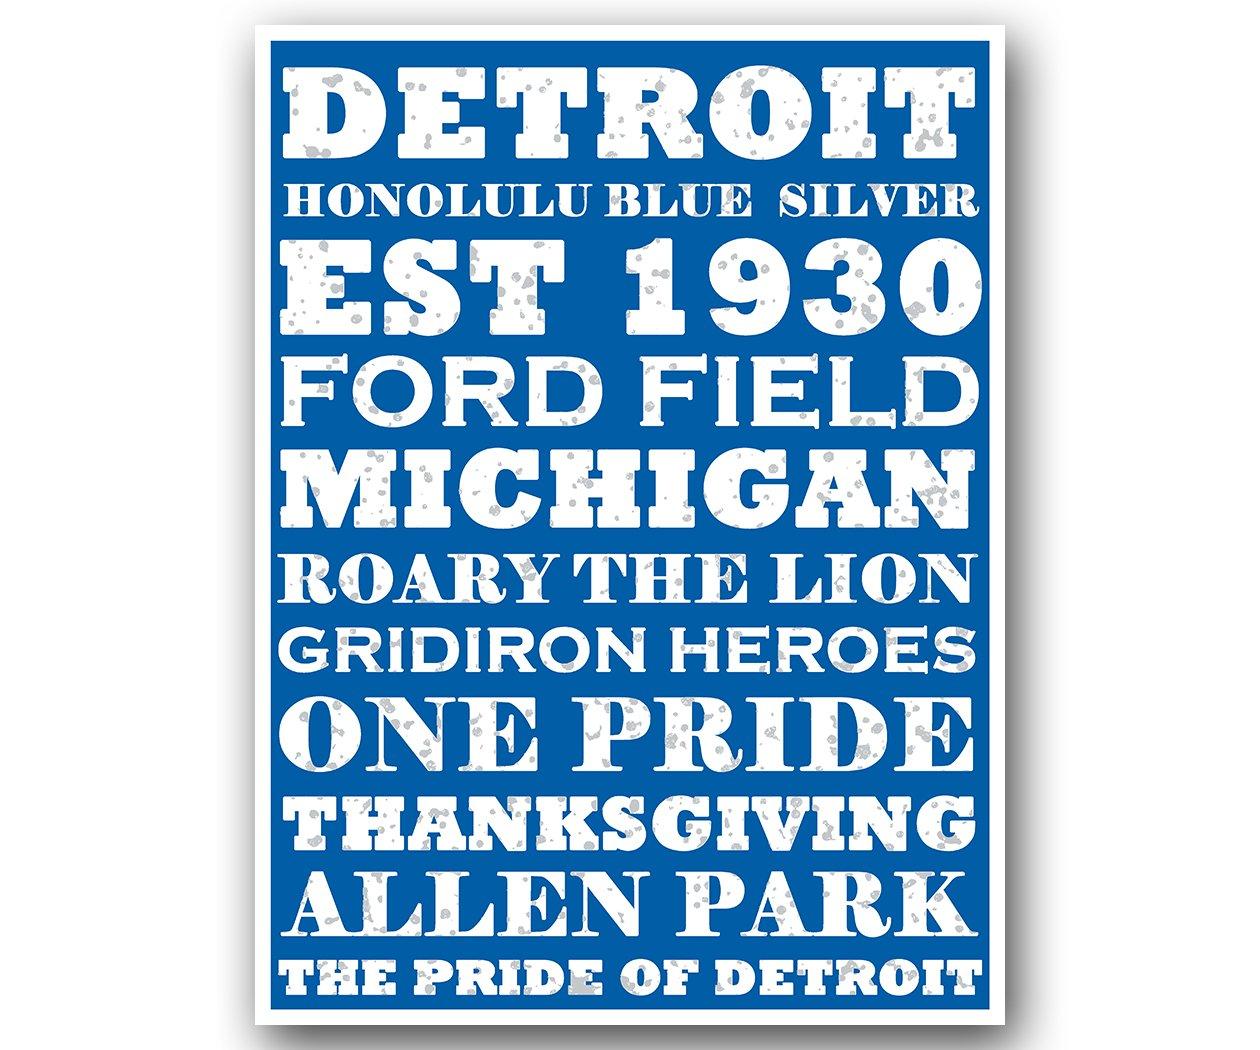 Detroit LionsポスターSubwayスタイルアートフットボールNFL印刷12 x 16